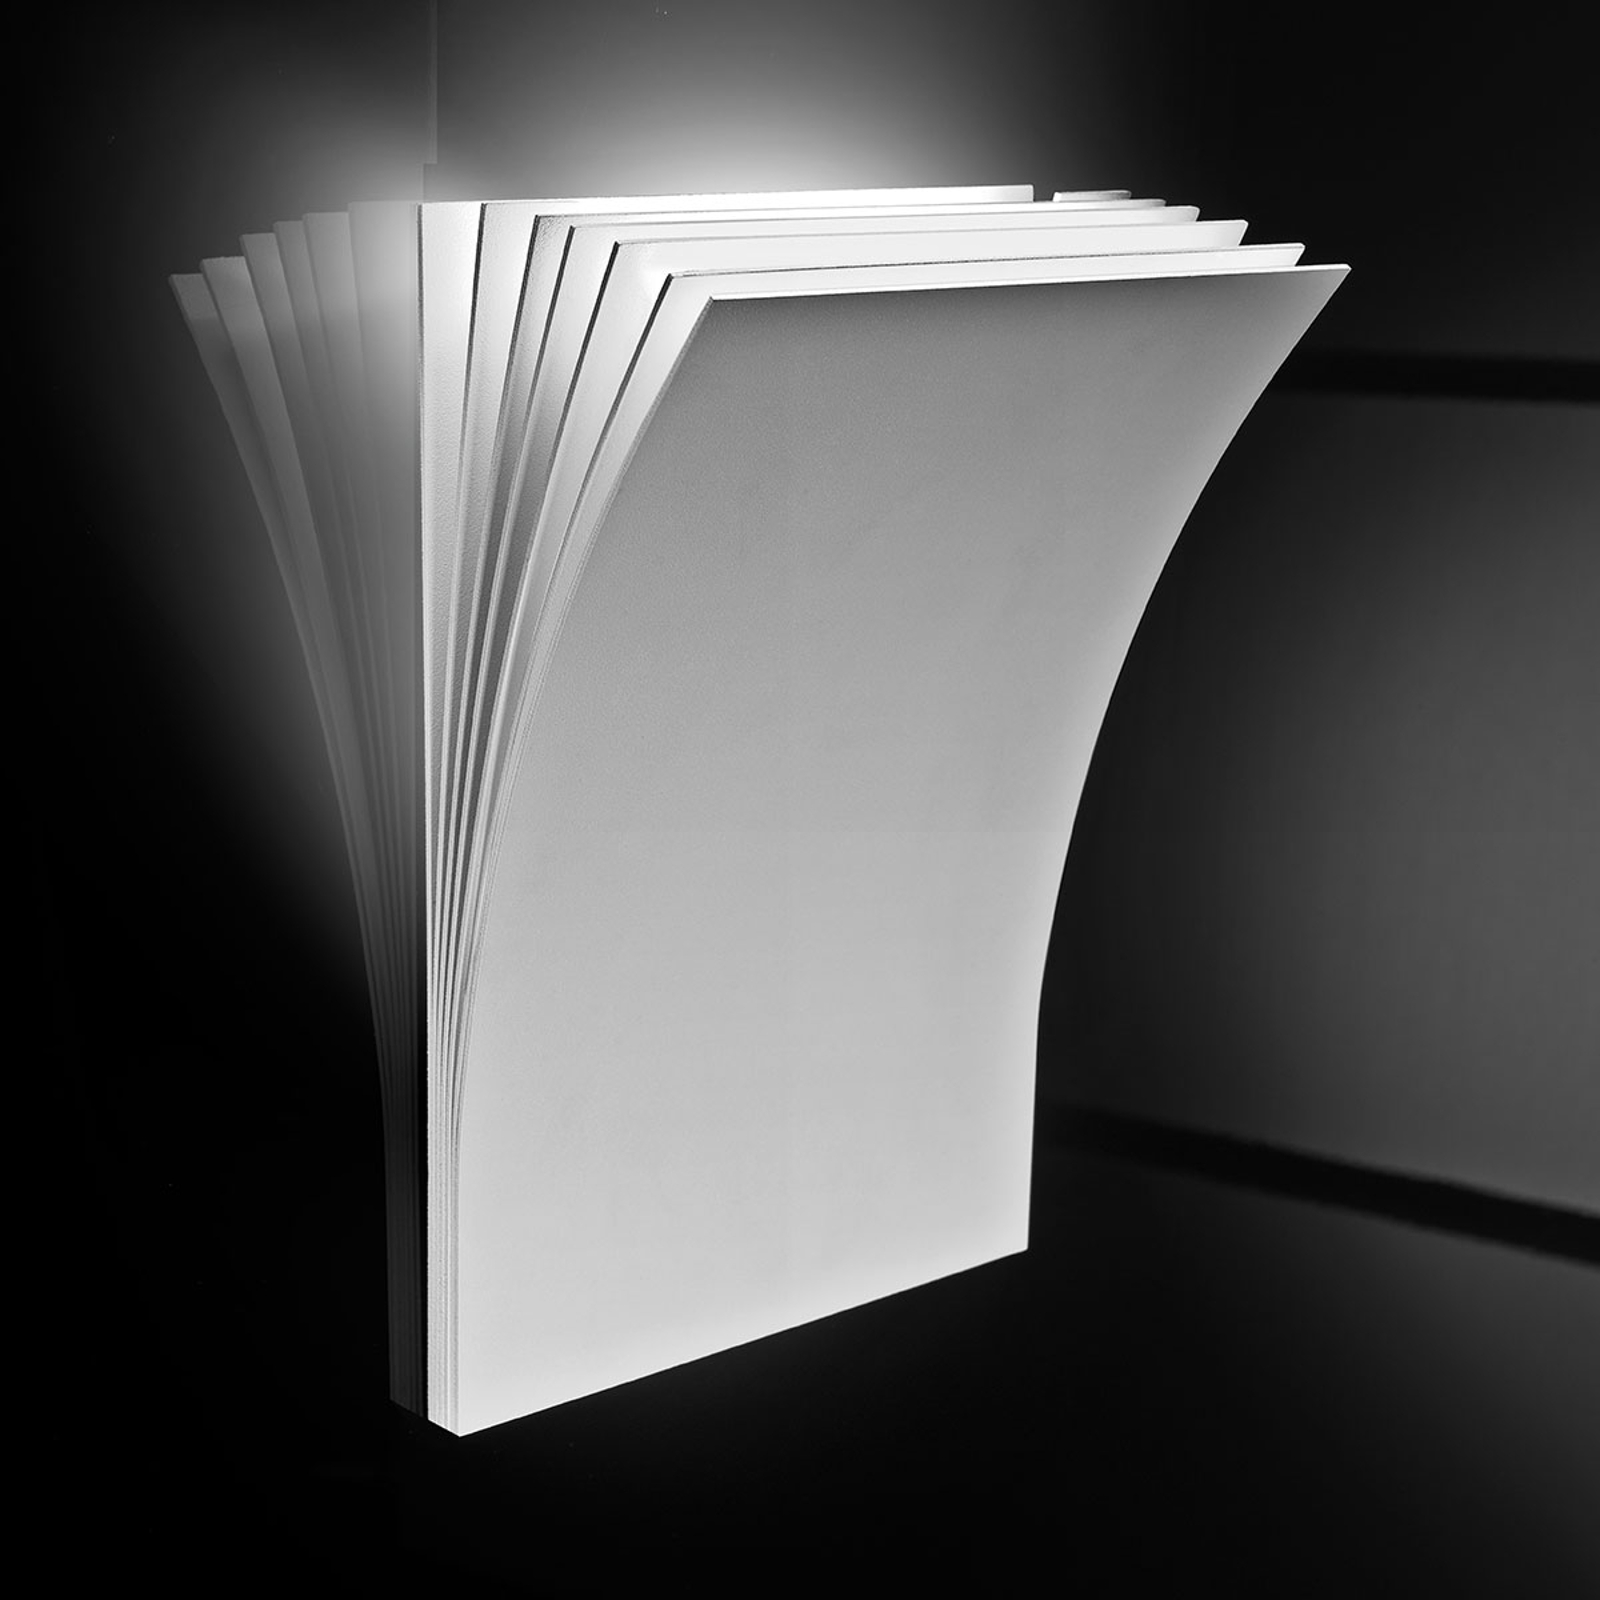 Applique Polia bianca con illuminazione alogena